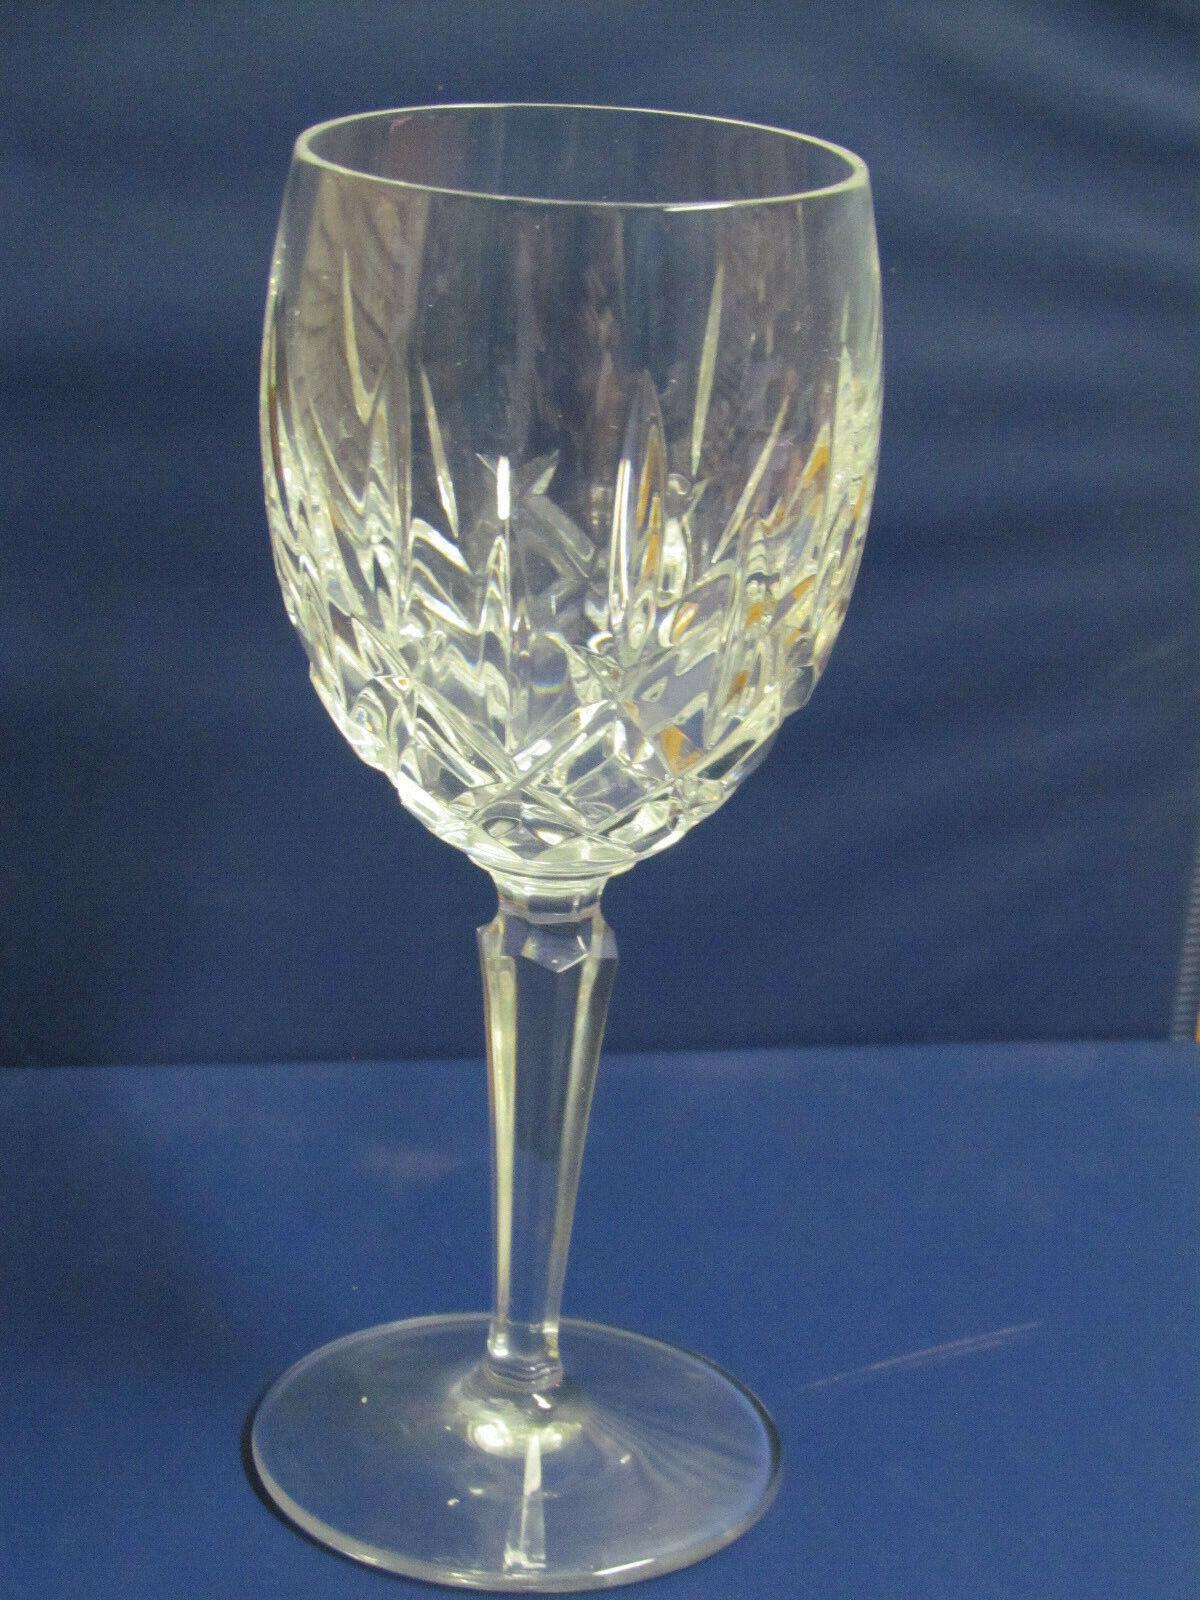 Gorham Cystal Lady Anne Wine Glass - $19.99